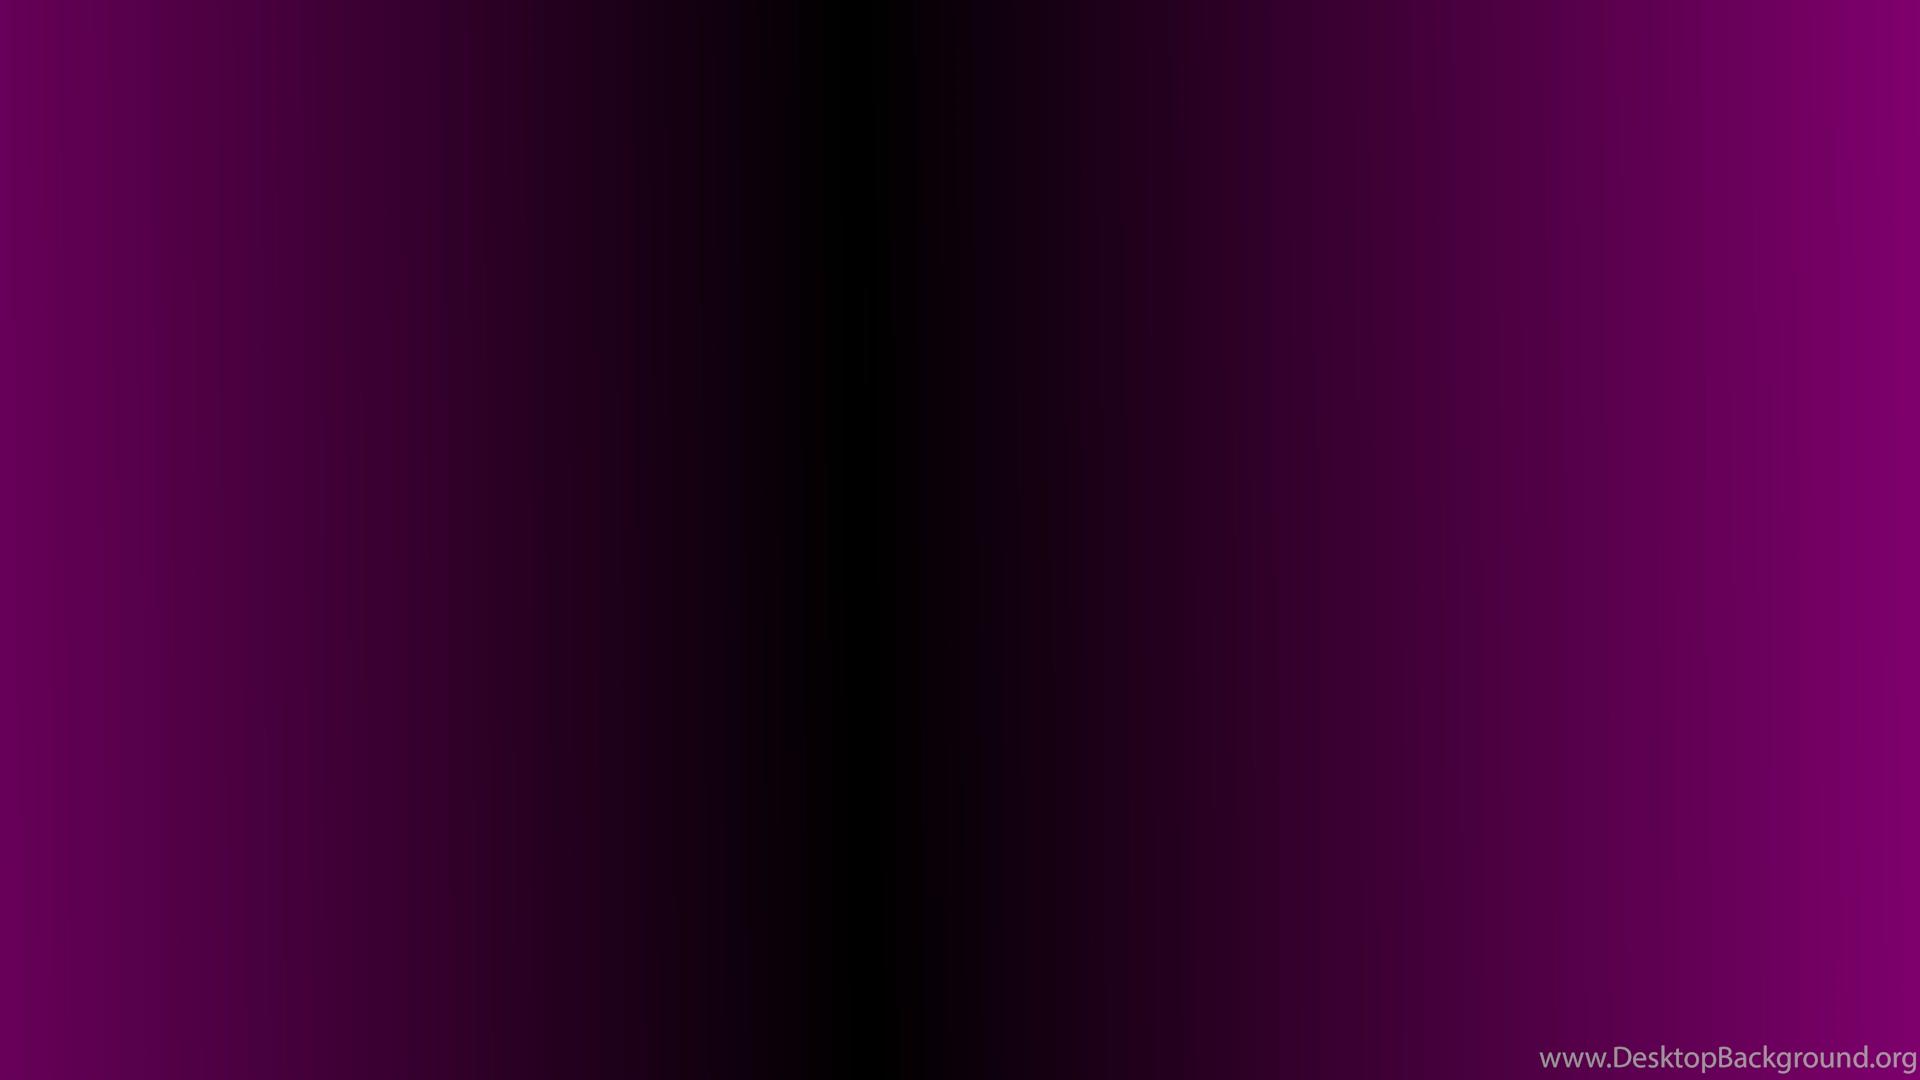 dark pink hd wallpapers desktop background